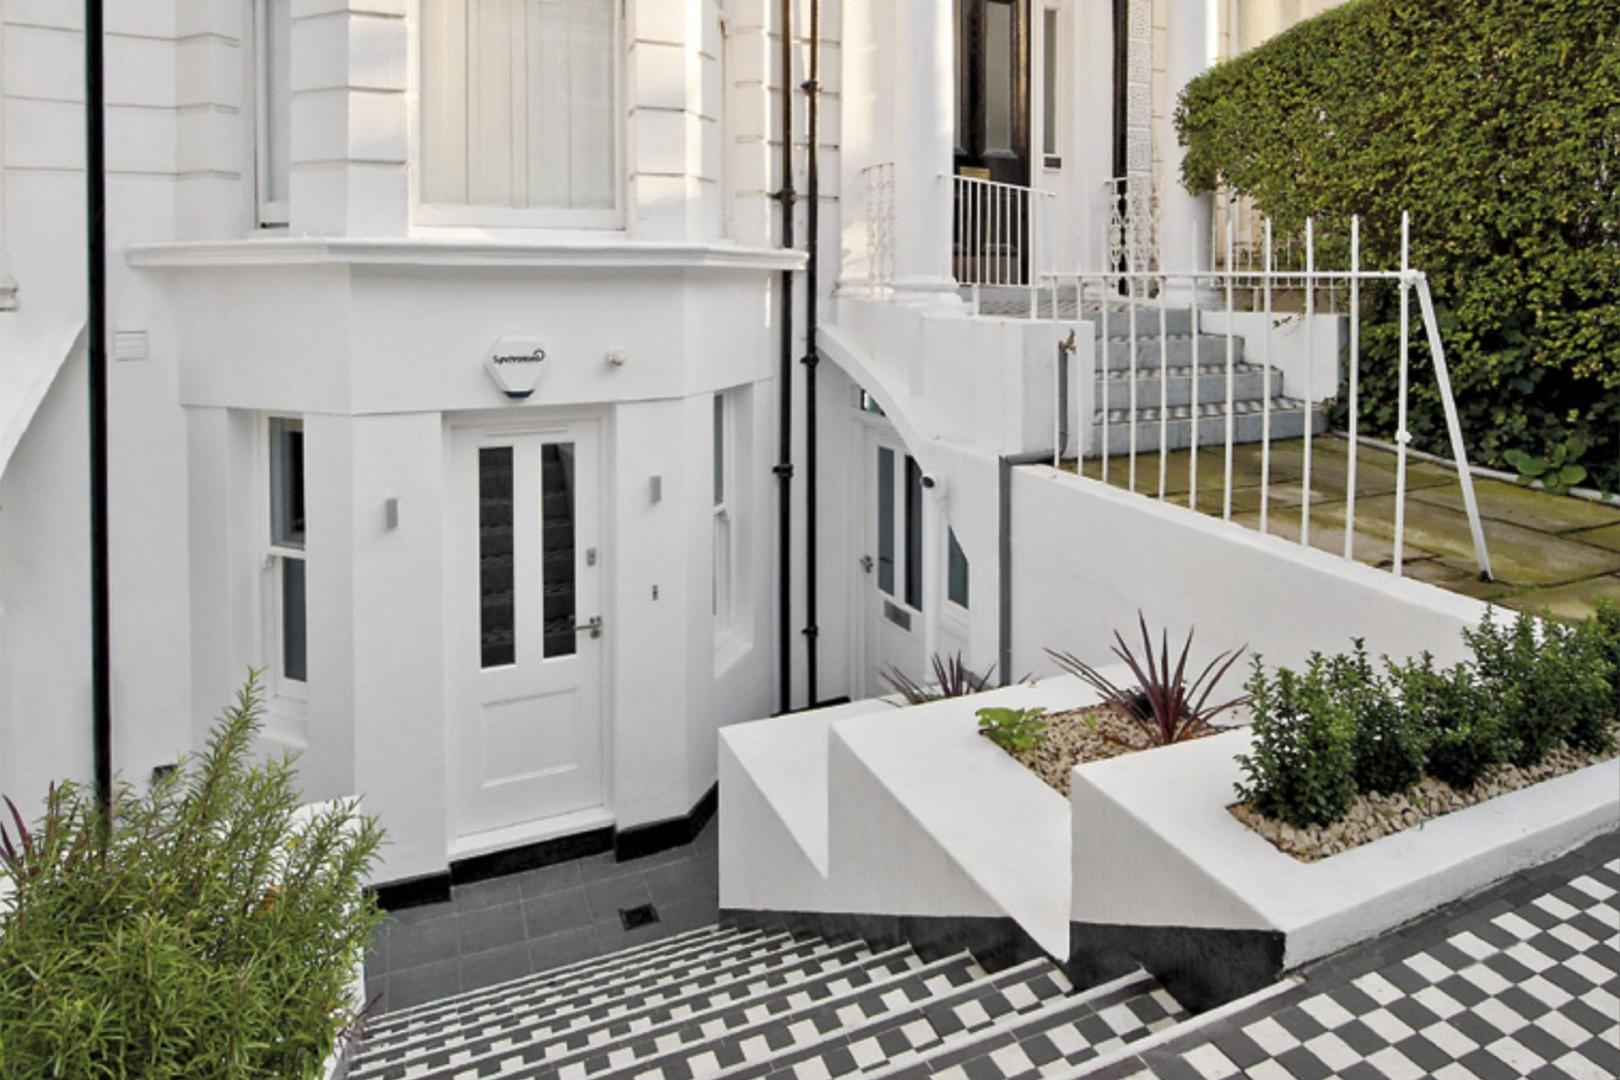 Stylish entrance to the Gladstone